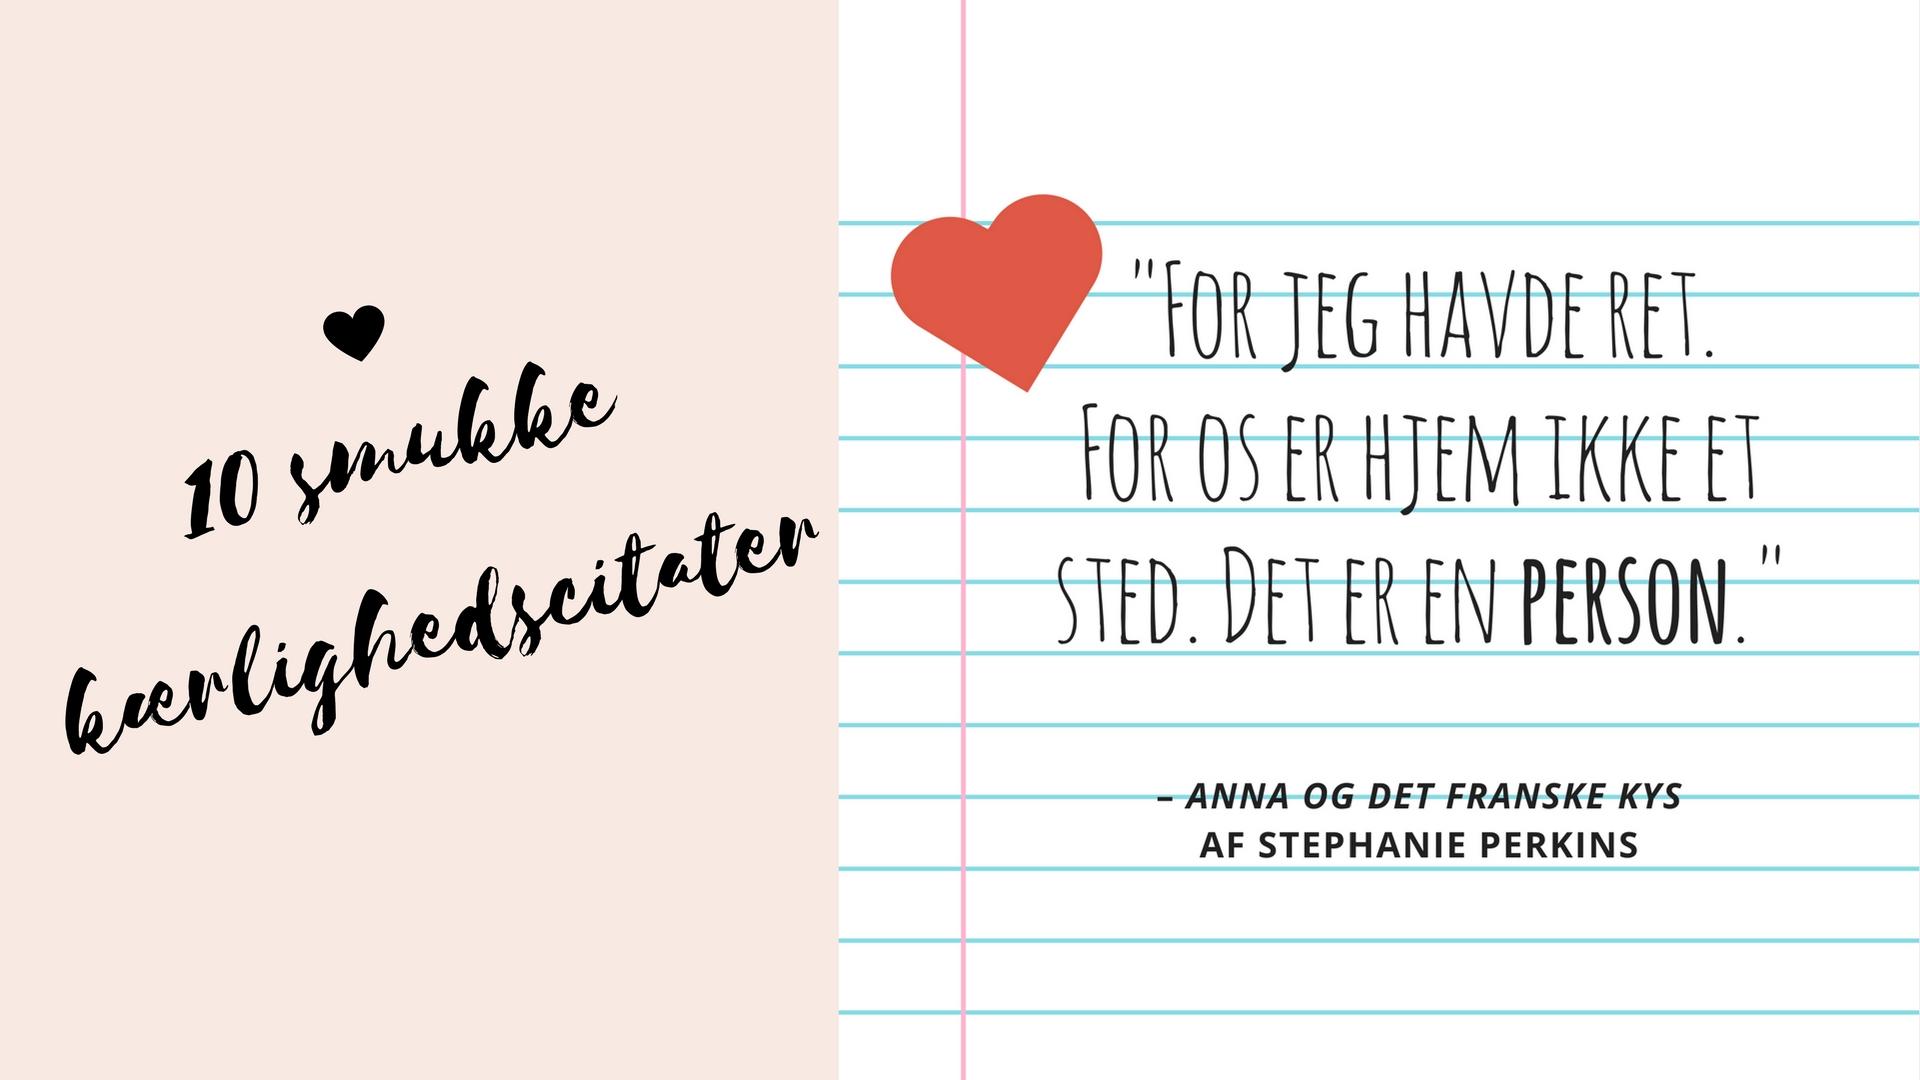 10 smukke kærlighedscitater - bog.dk